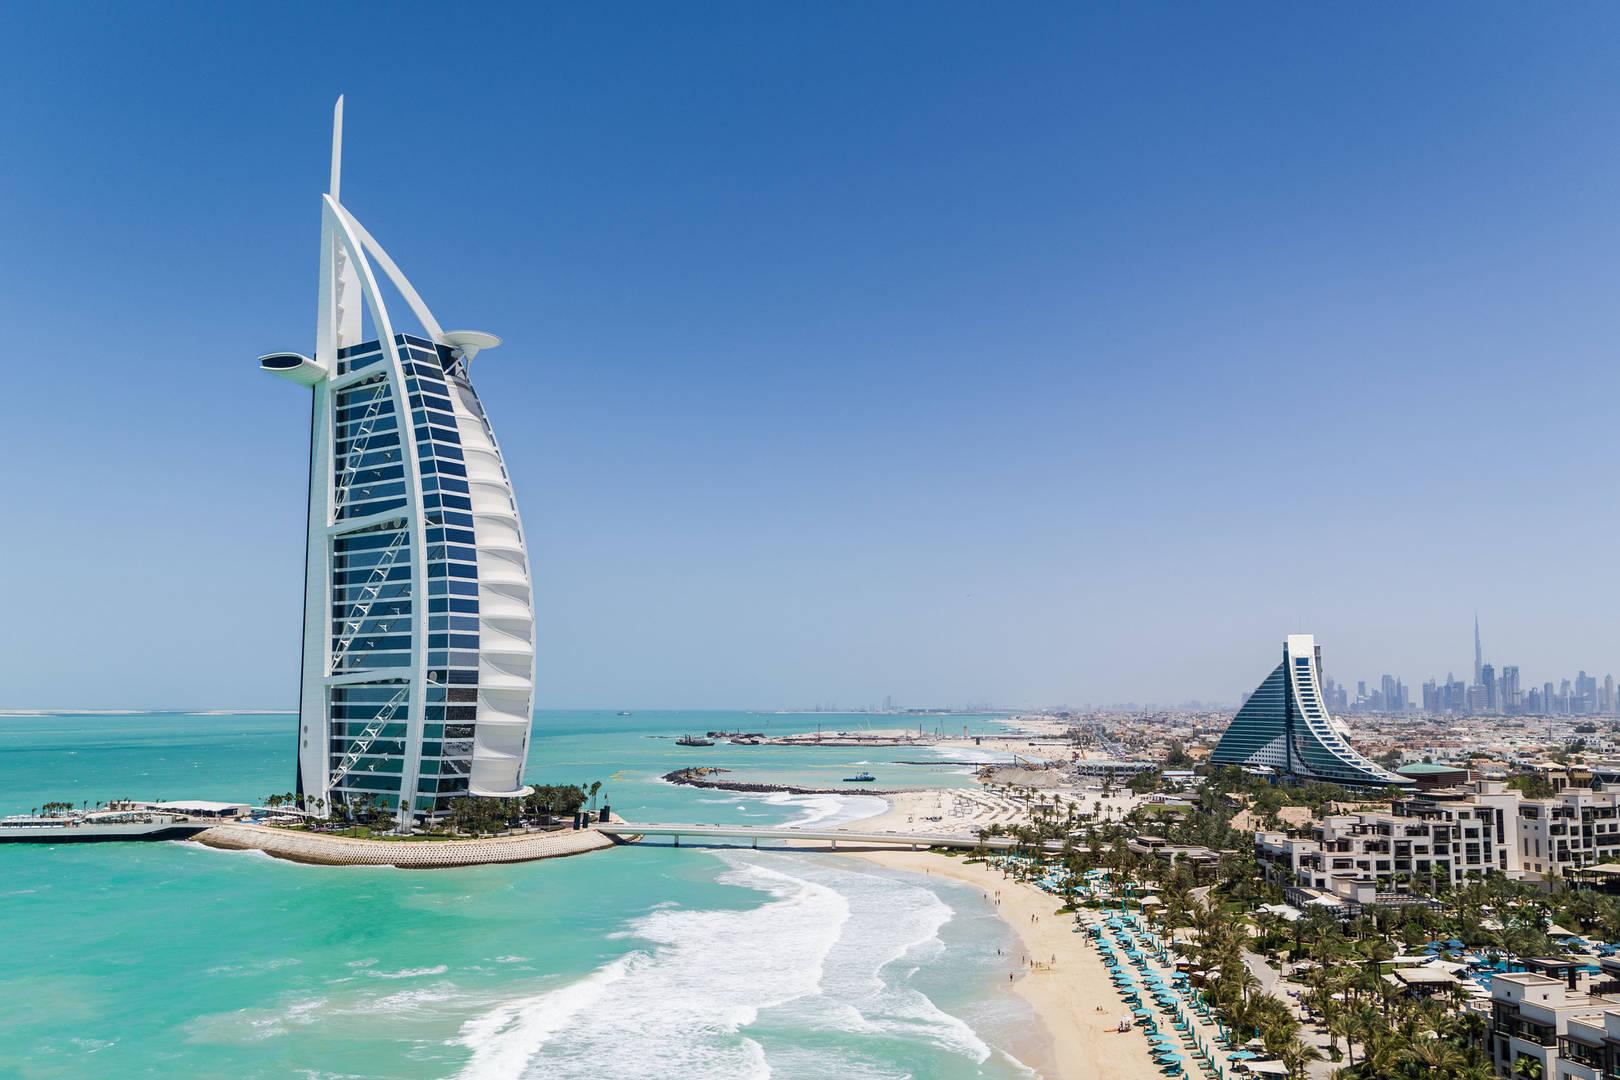 برج العرب، منظر علوي لغرفة المعيشة بجناح كلوب